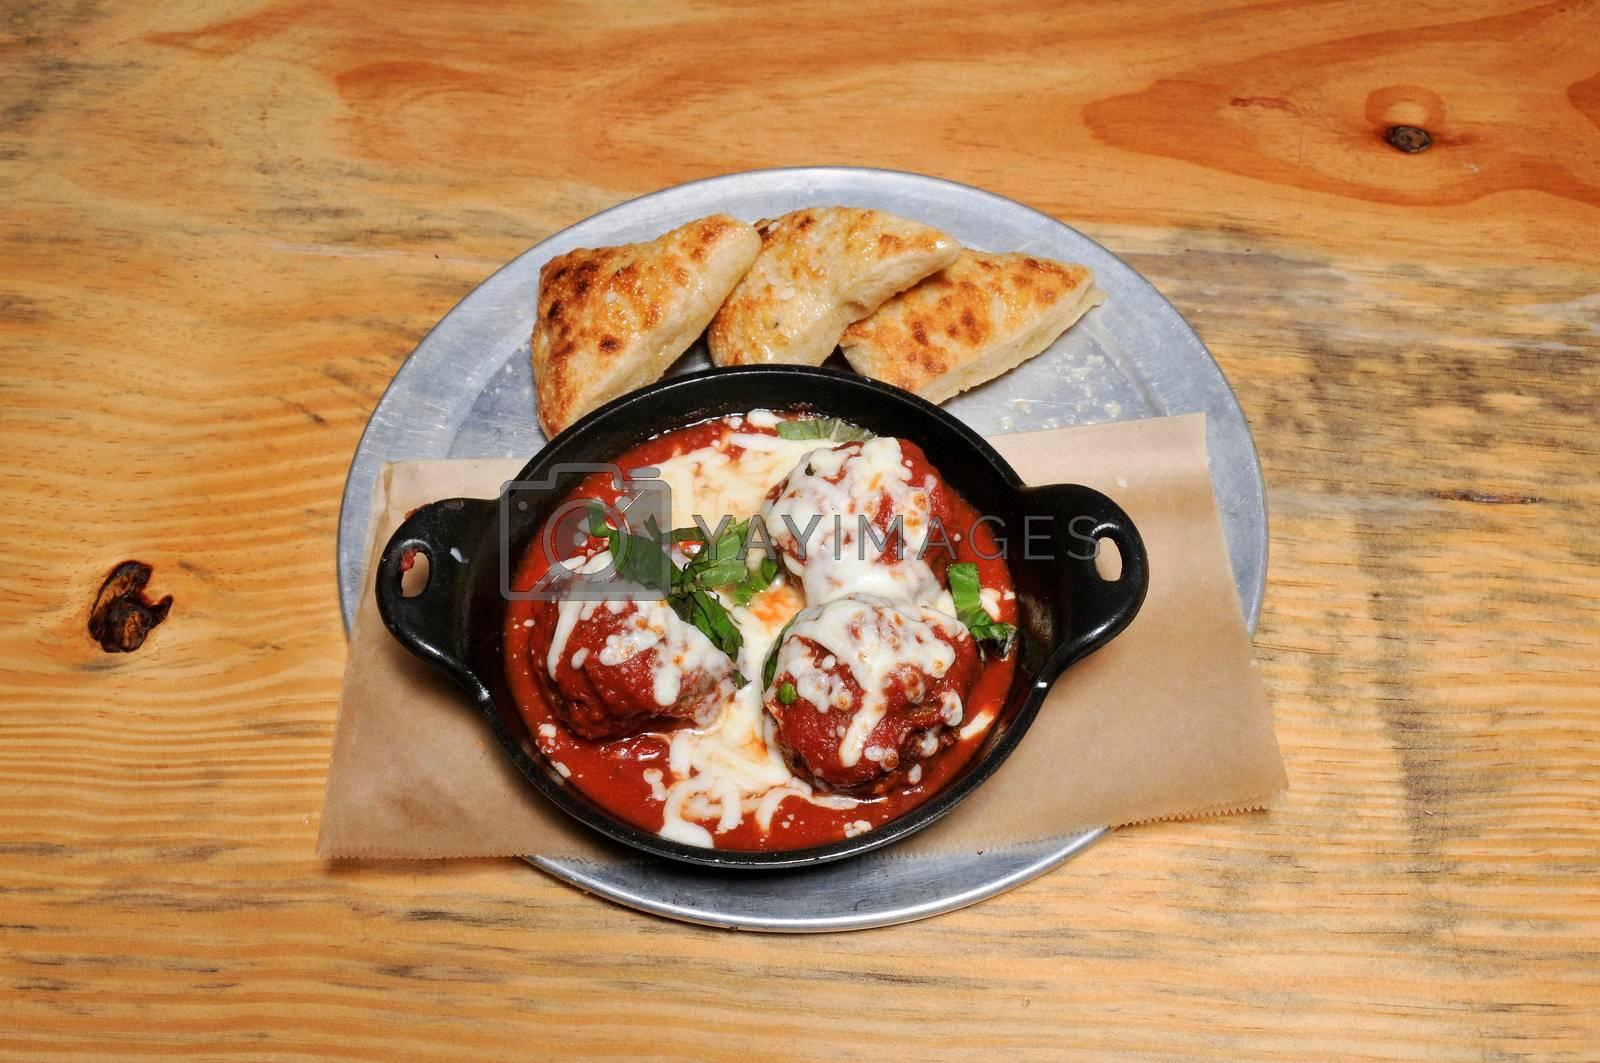 Authentic Italian cuisine known as a meatball